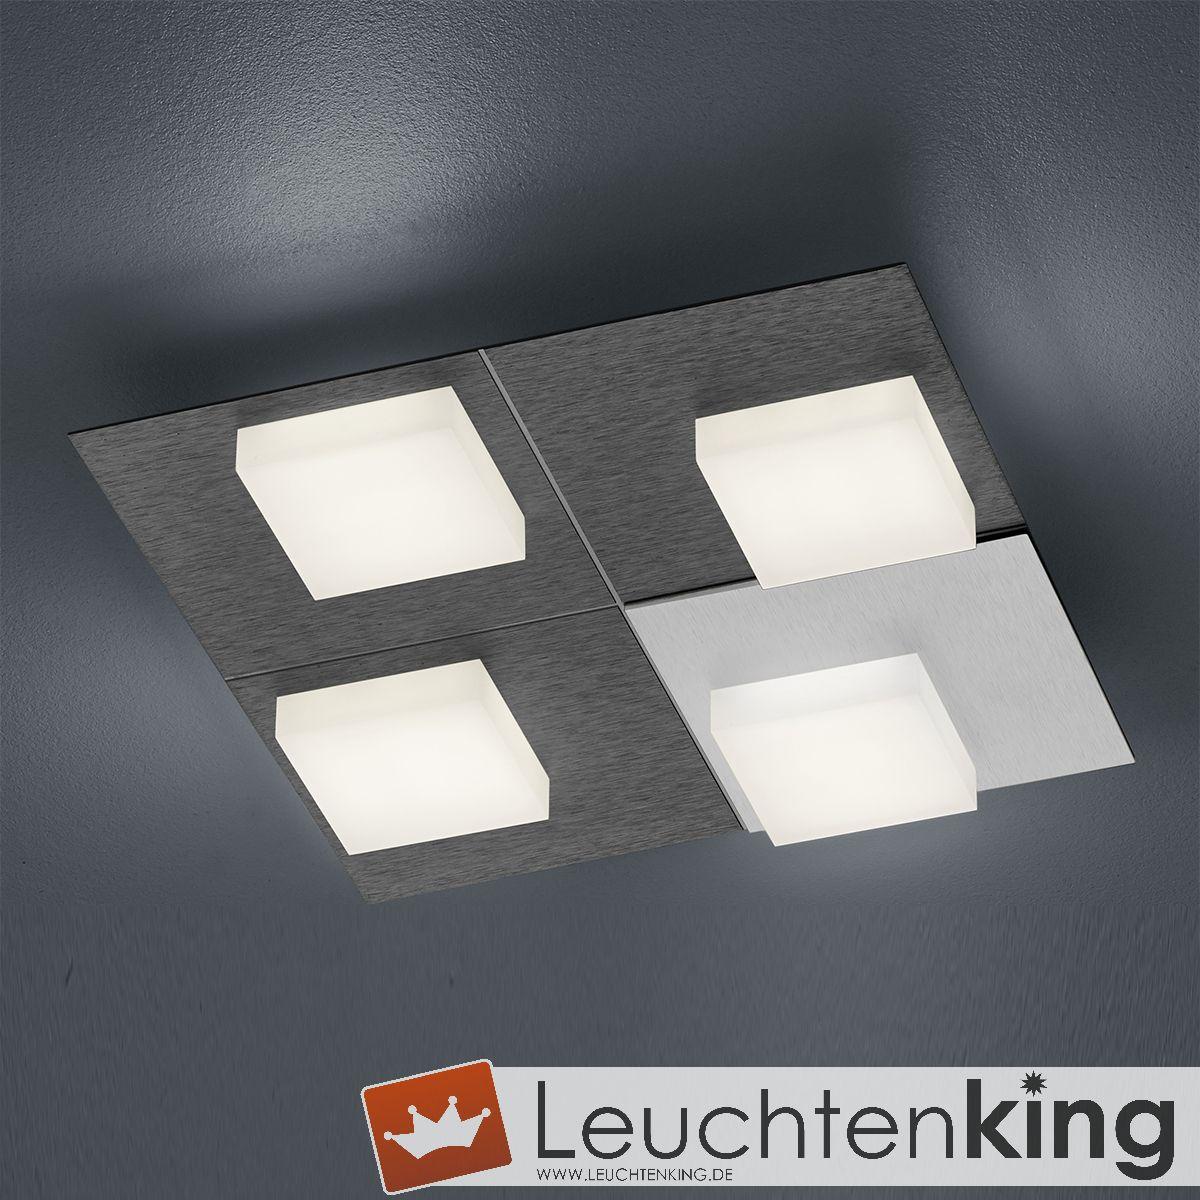 LED-Deckenleuchte Cube von BANKAMP Leuchtenmanufaktur